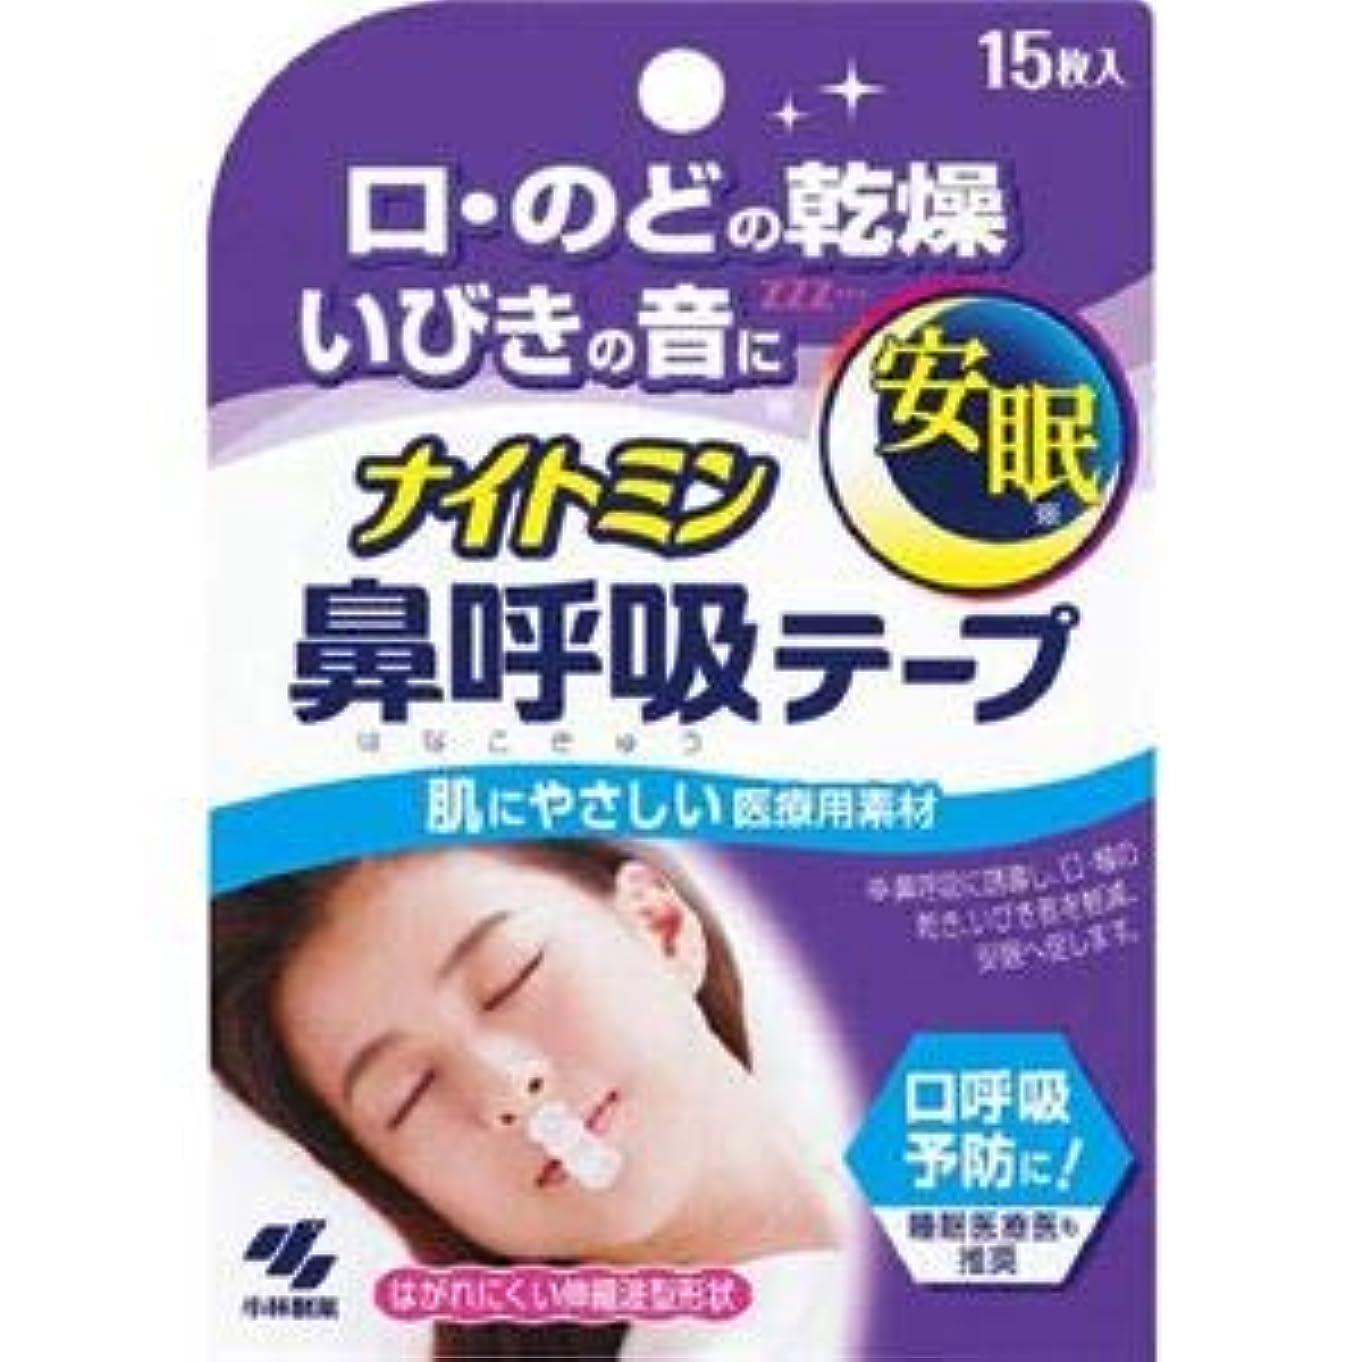 スロット保持ゴシップ(まとめ)小林製薬 ナイトミン 鼻呼吸テープ 【×3点セット】